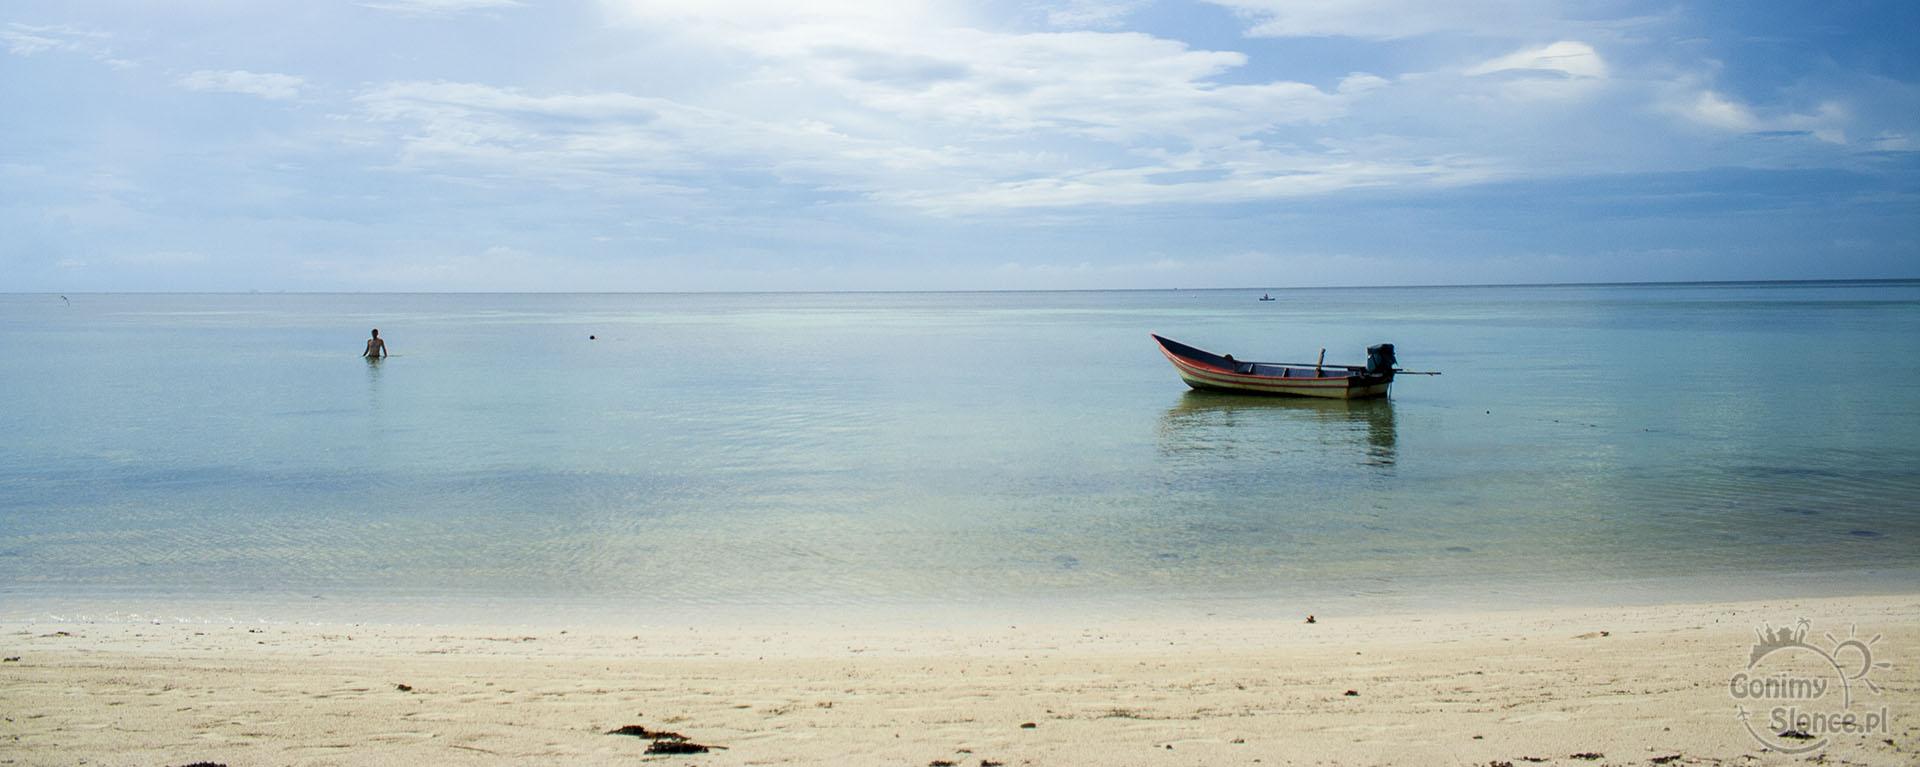 Rajskie plaże | Tajlandia - czy warto?